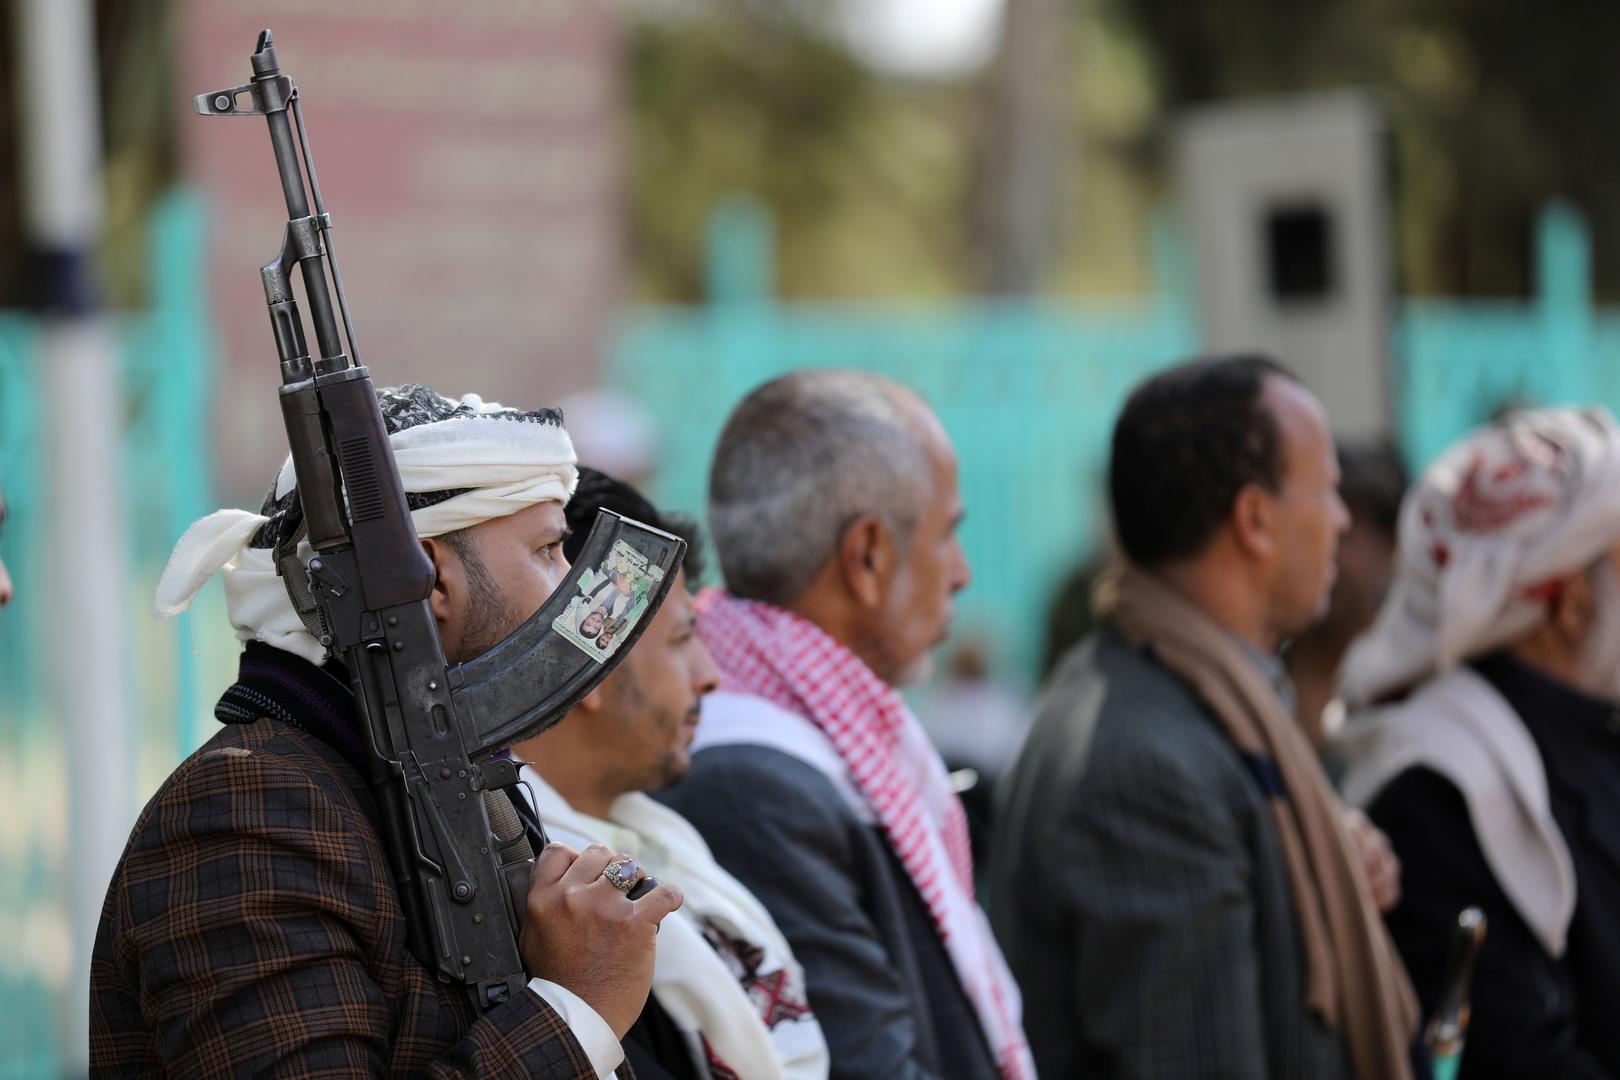 التحالف العربي يعلن تدمير طائرة مسيرة مفخخة أطلقها الحوثيون باتجاه السعودية